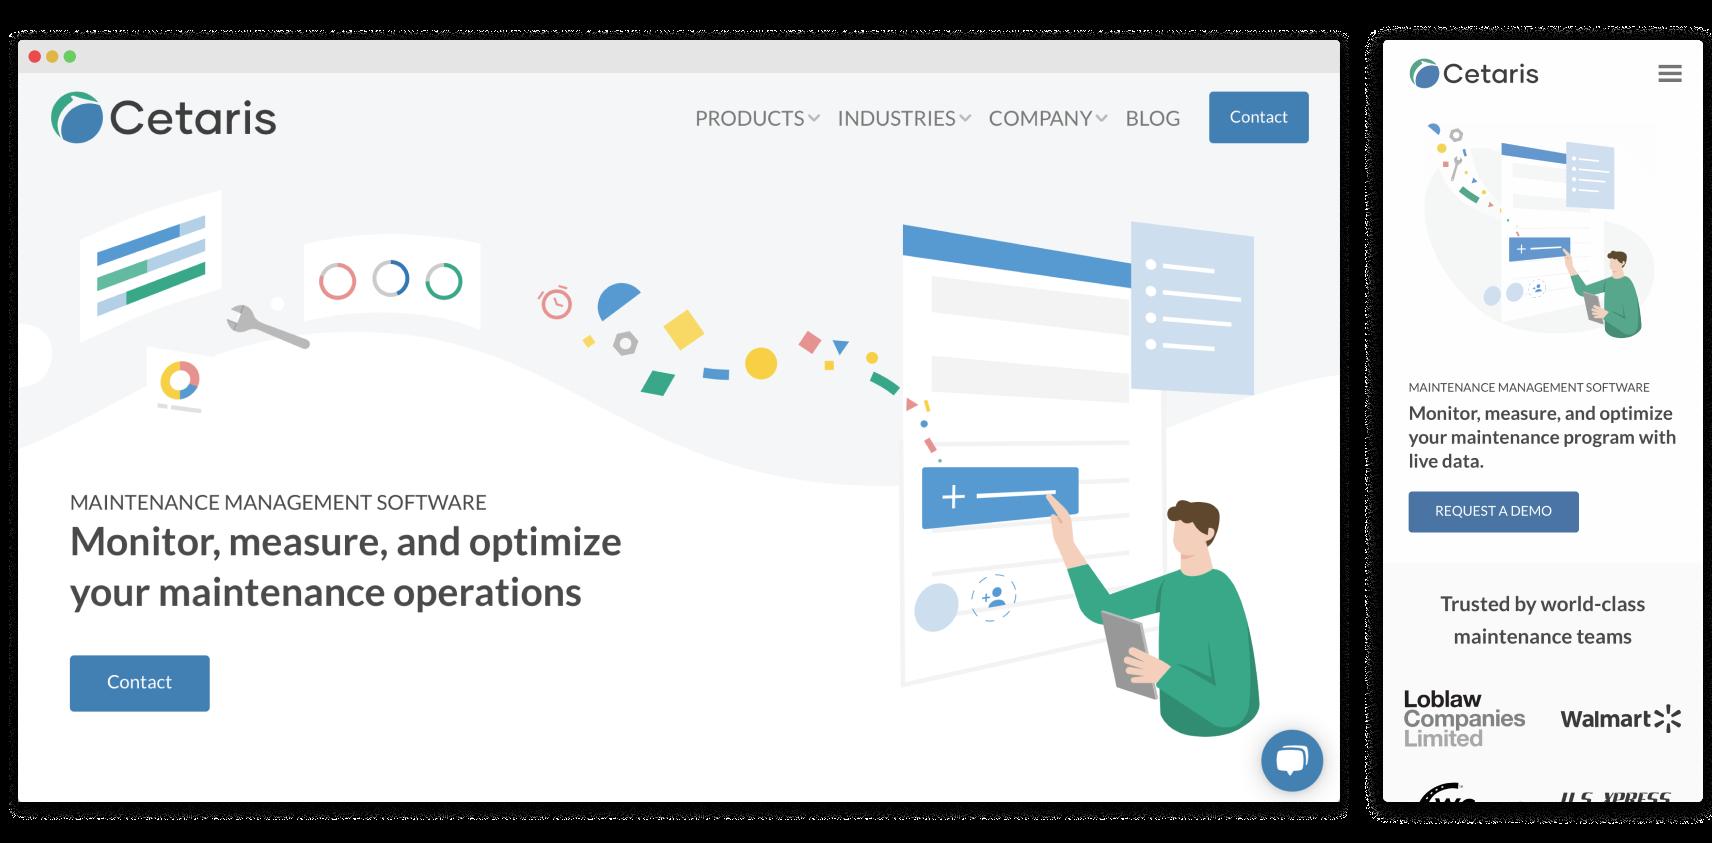 Website-redesign-3